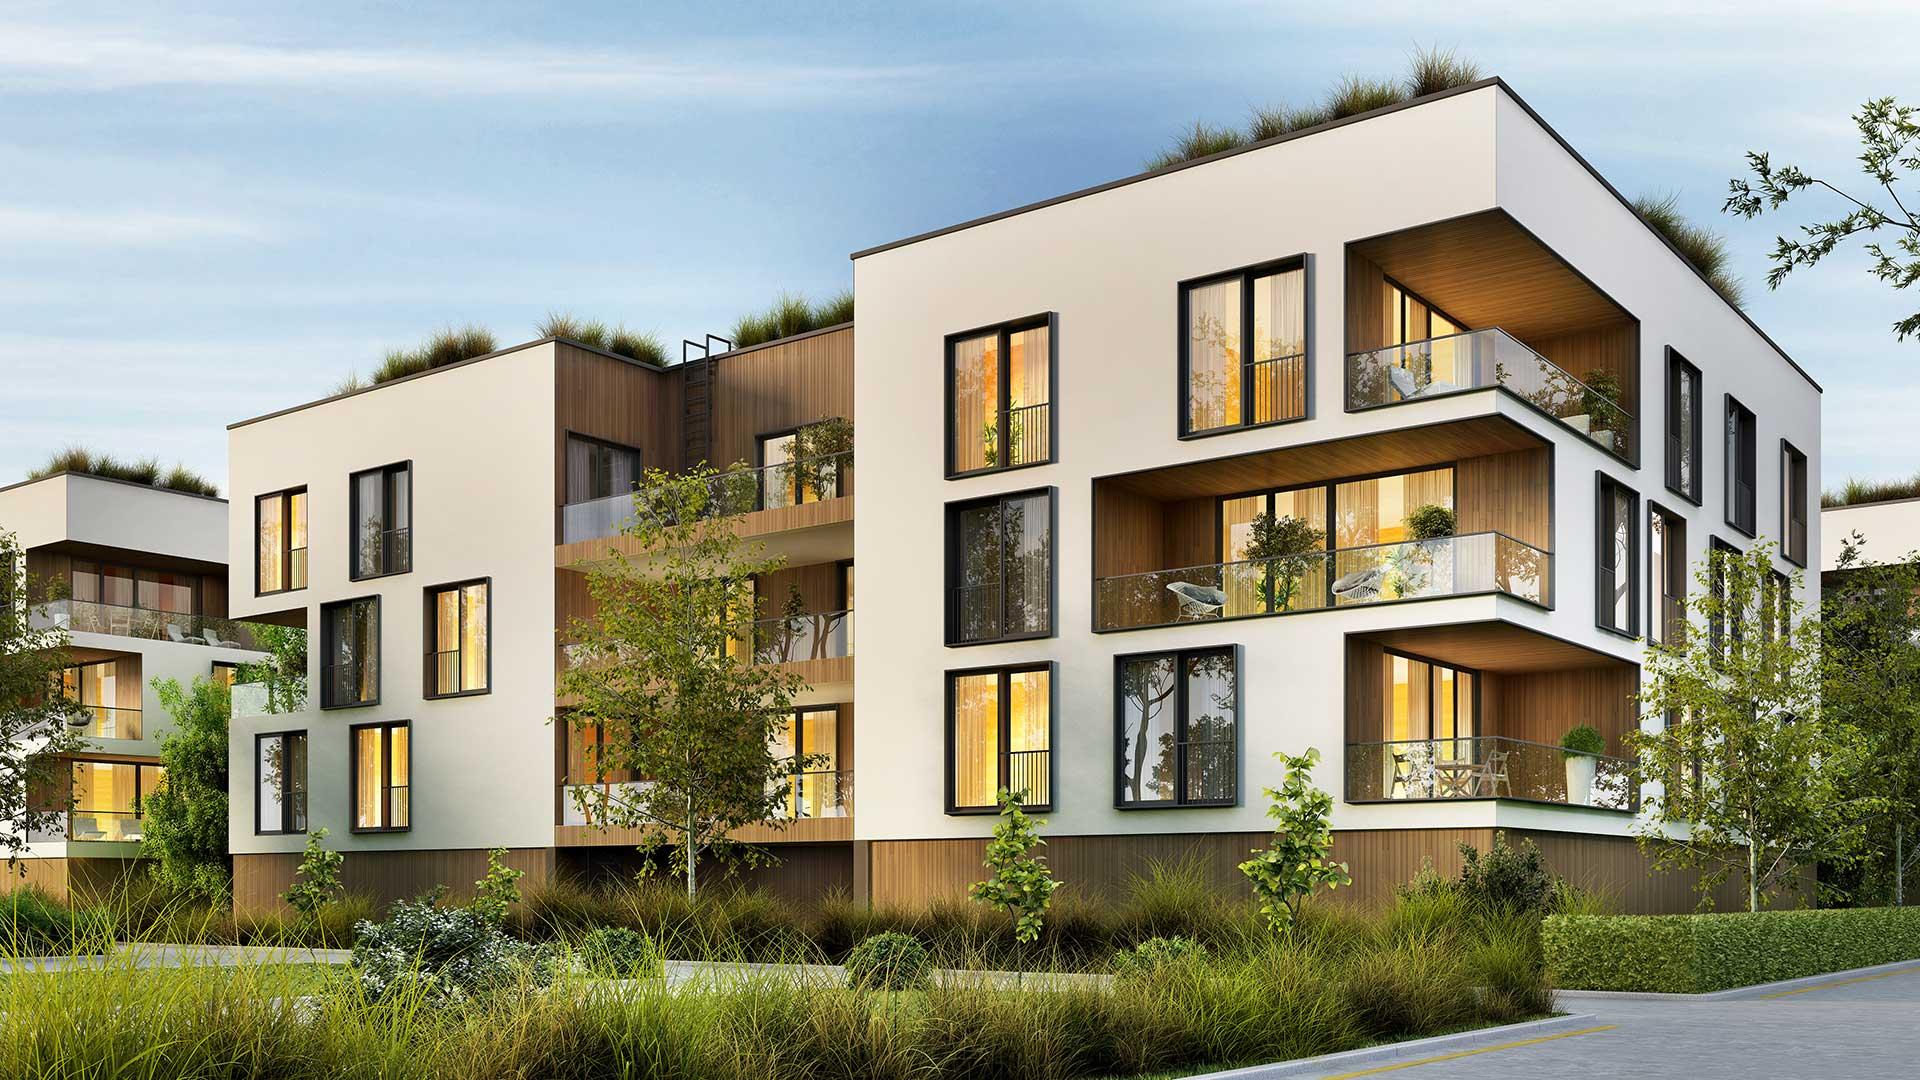 Schönes Wohnbauprojekt